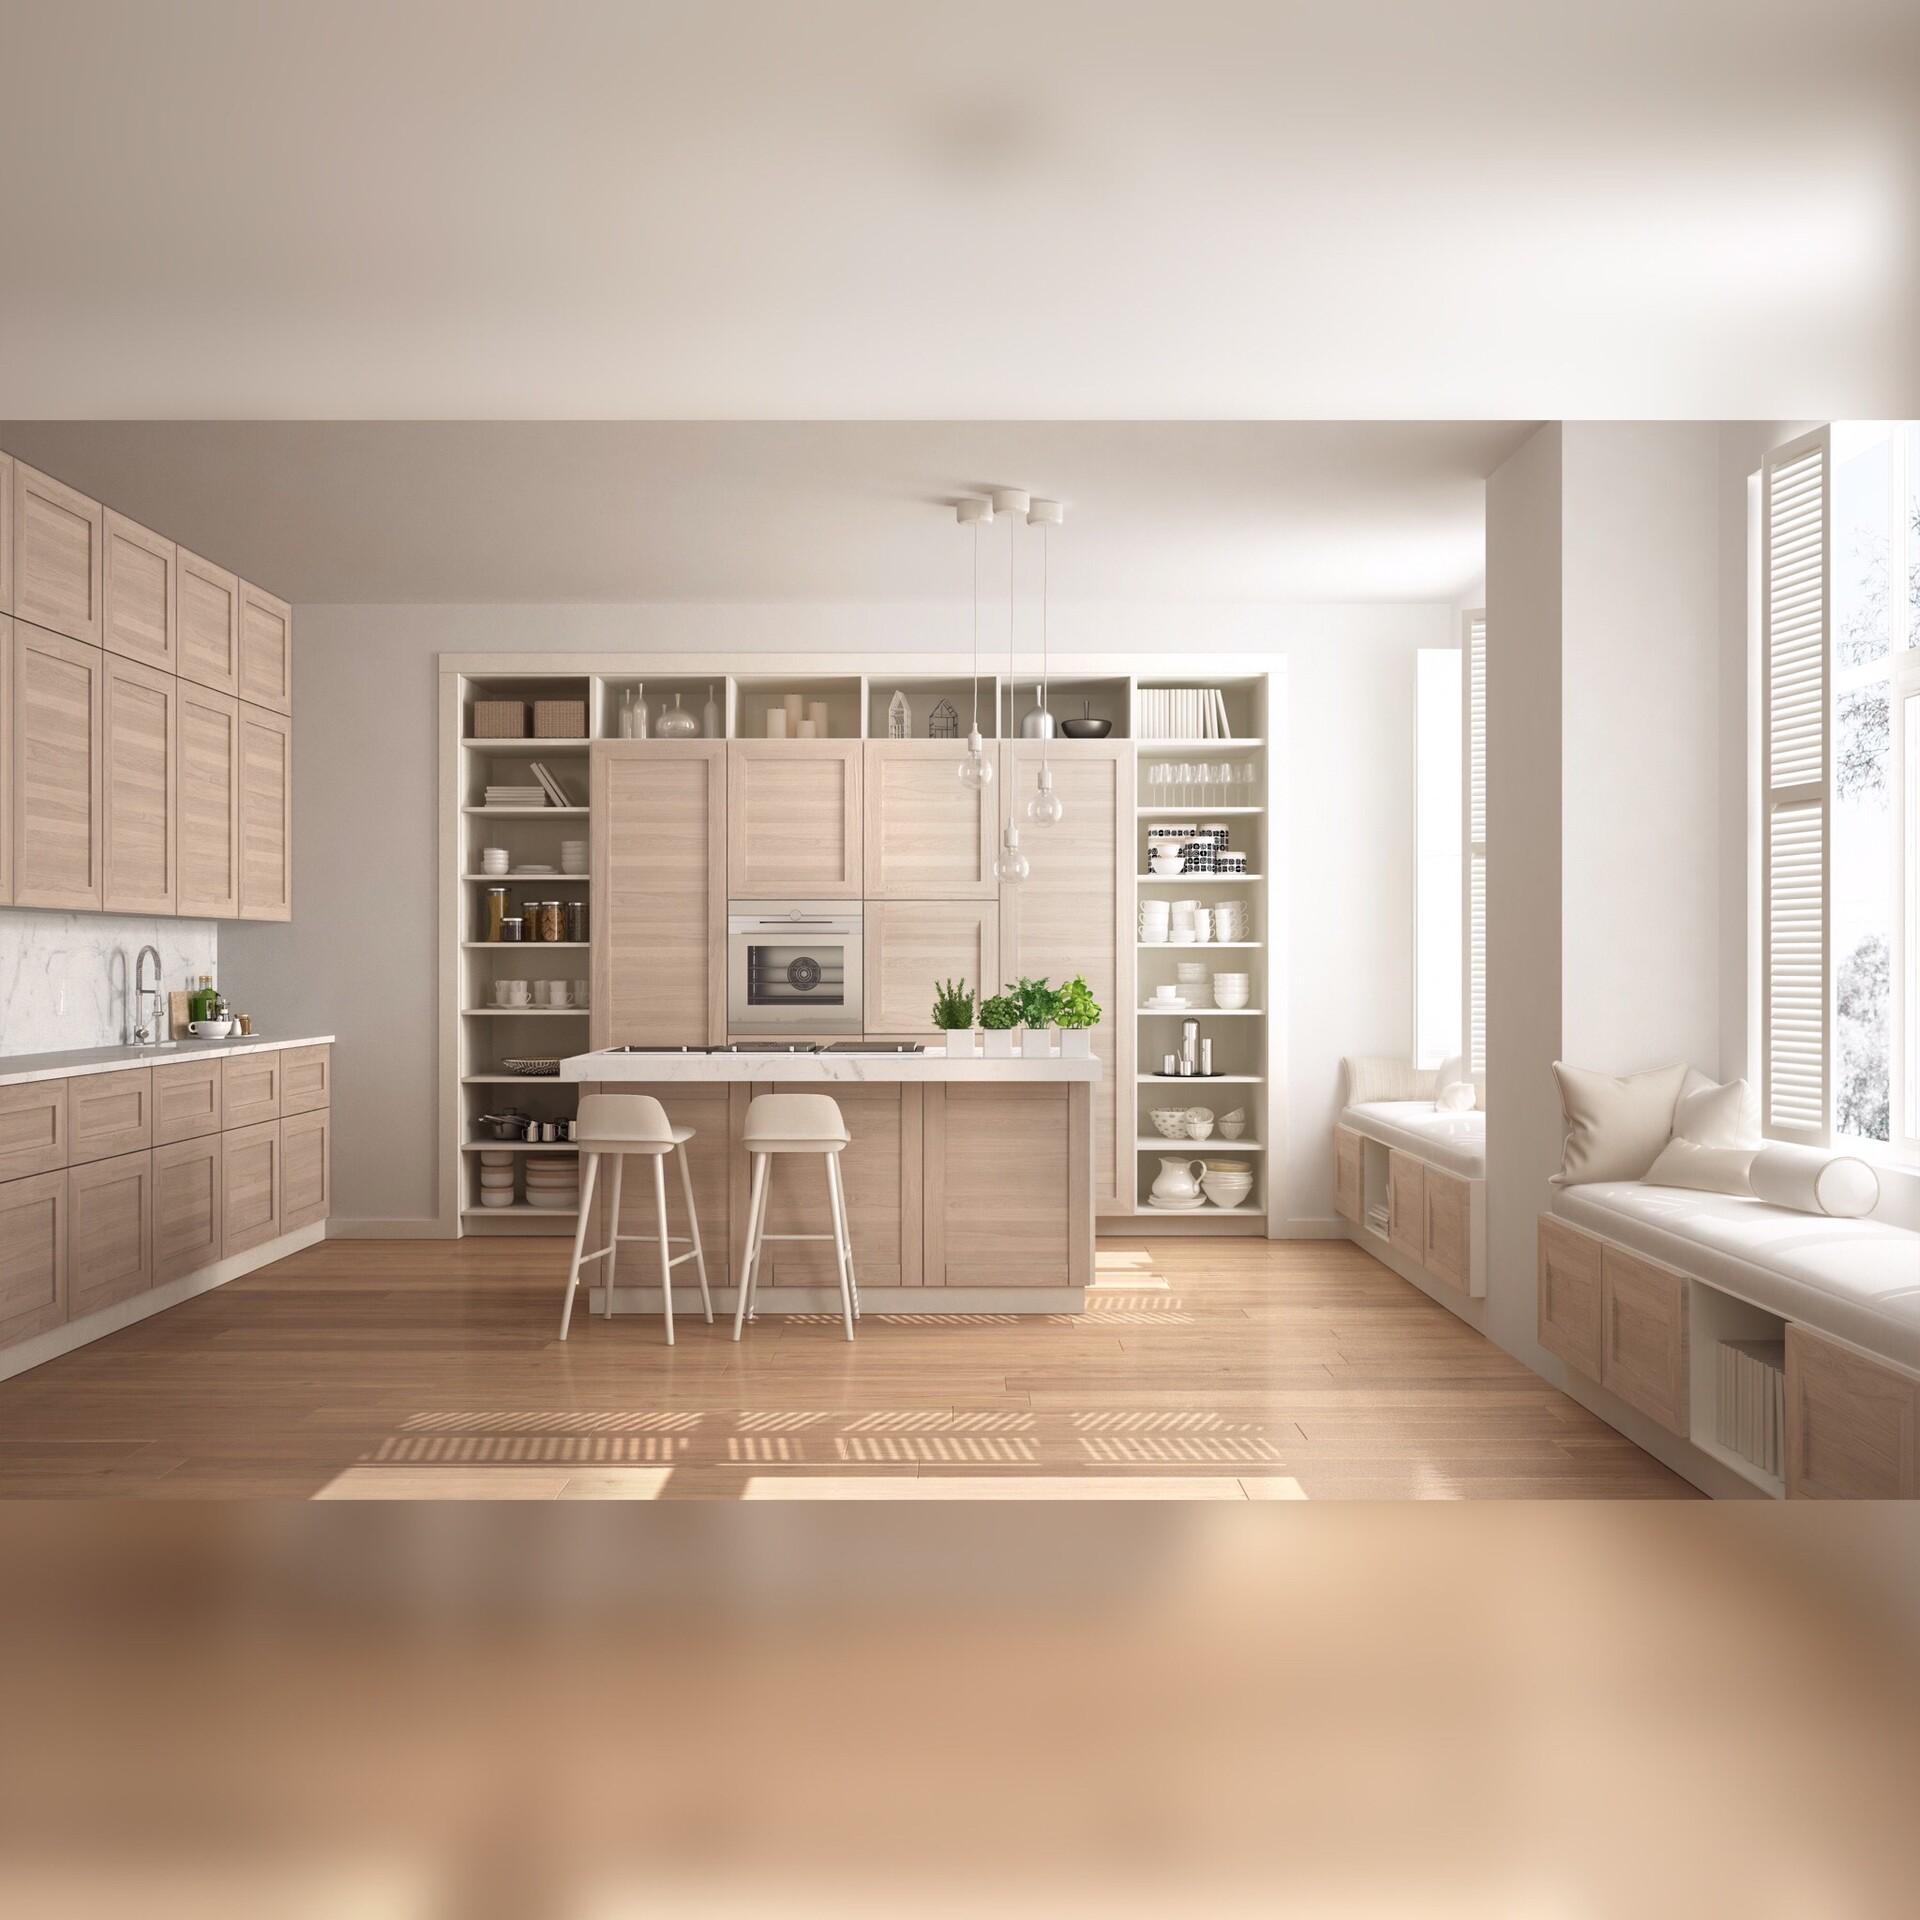 Andrea Zen - Kitchen Design Render